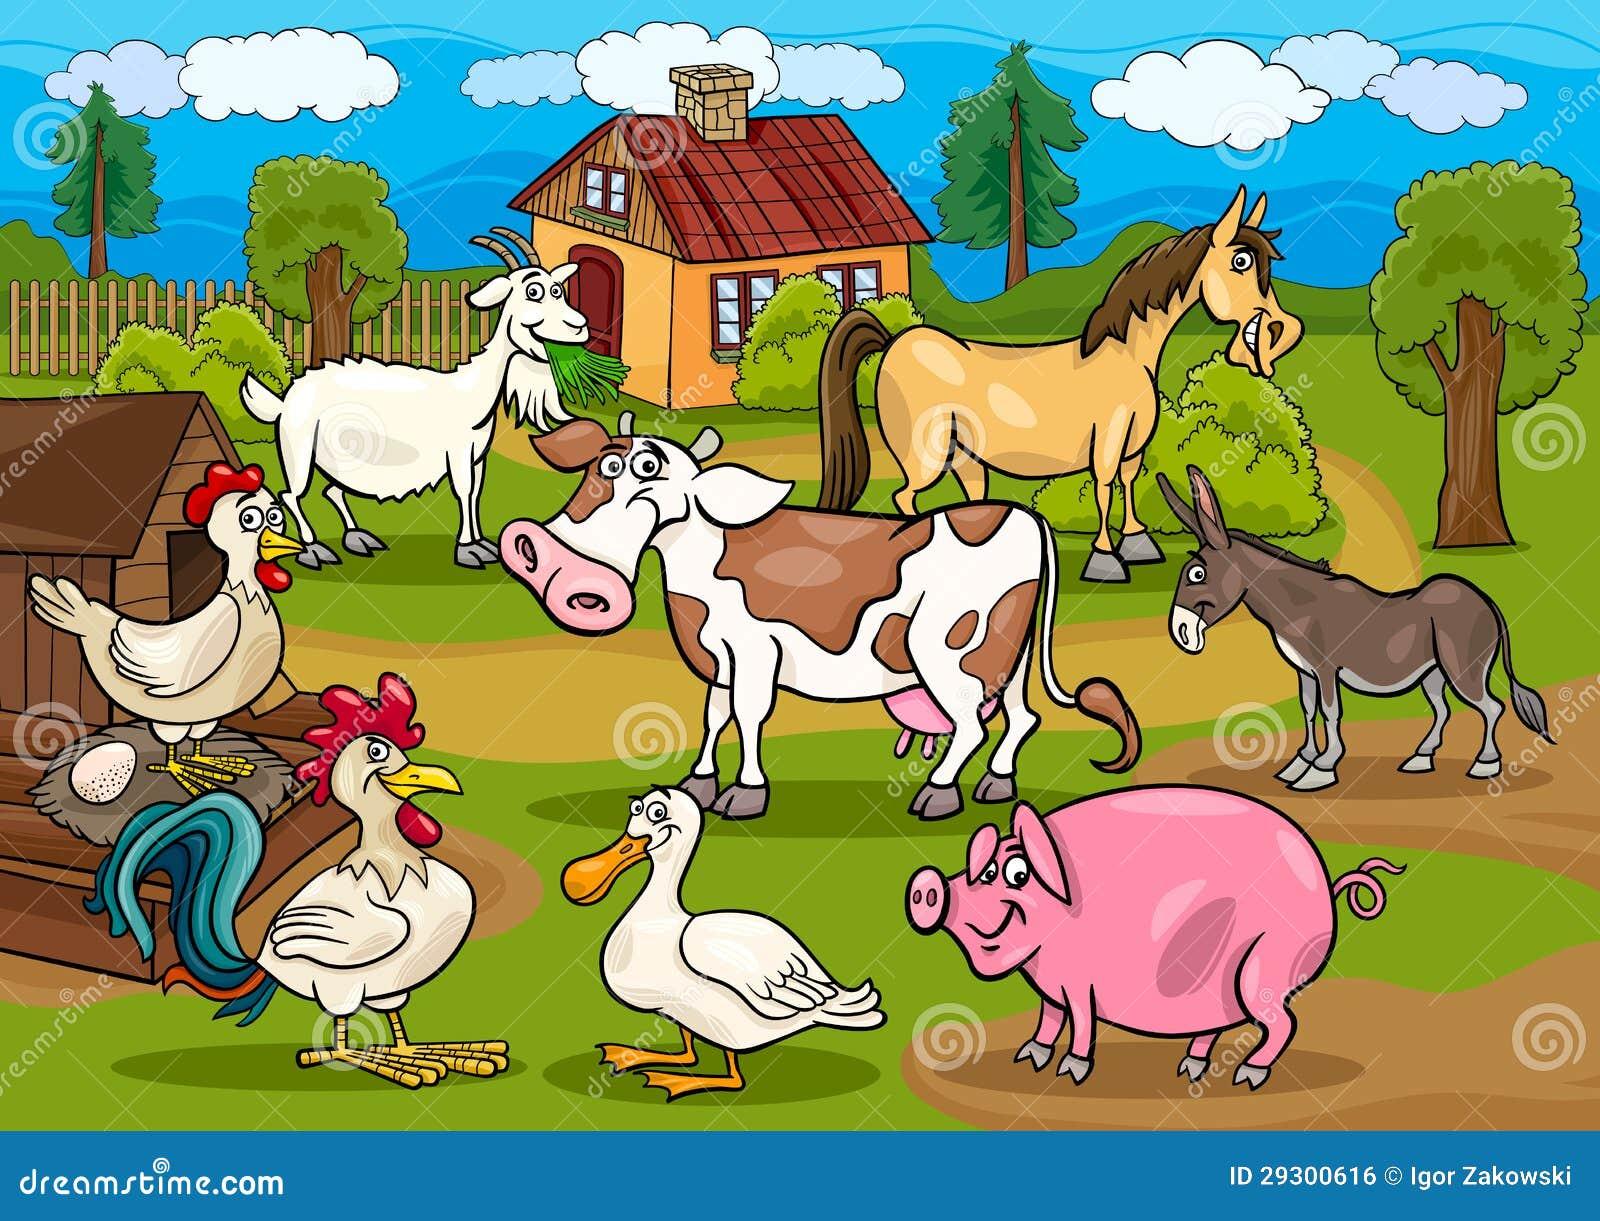 Αγροτική απεικόνιση κινούμενων σχεδίων σκηνής ζώων αγροκτημάτων